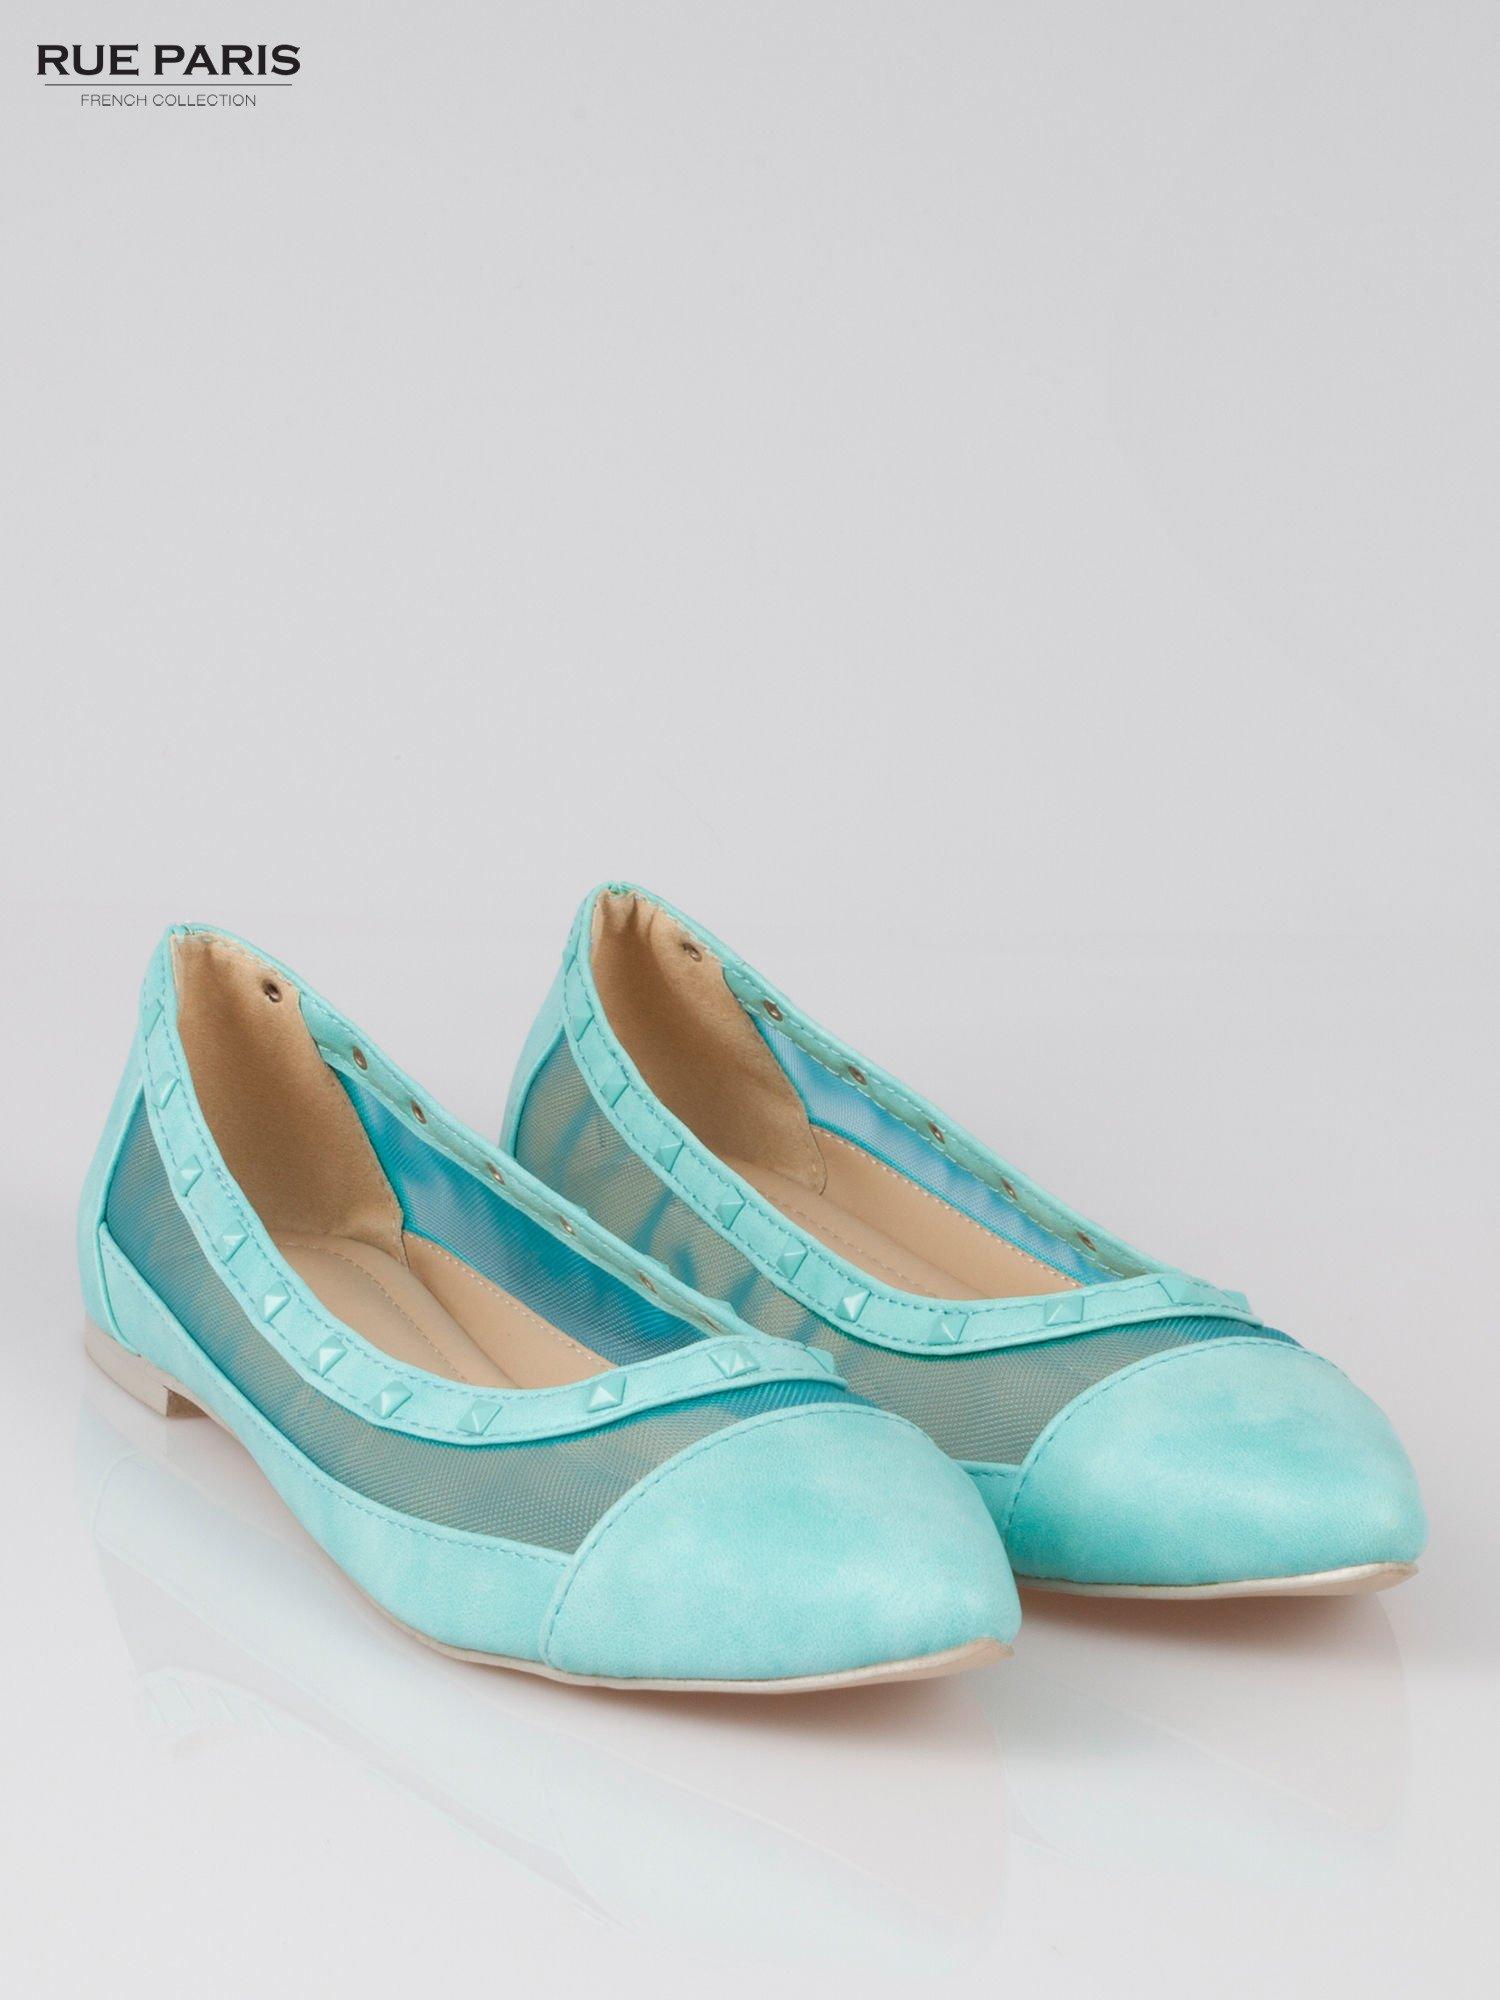 Niebieskie baleriny Crystal leather z siateczką i ćwiekami                                  zdj.                                  2